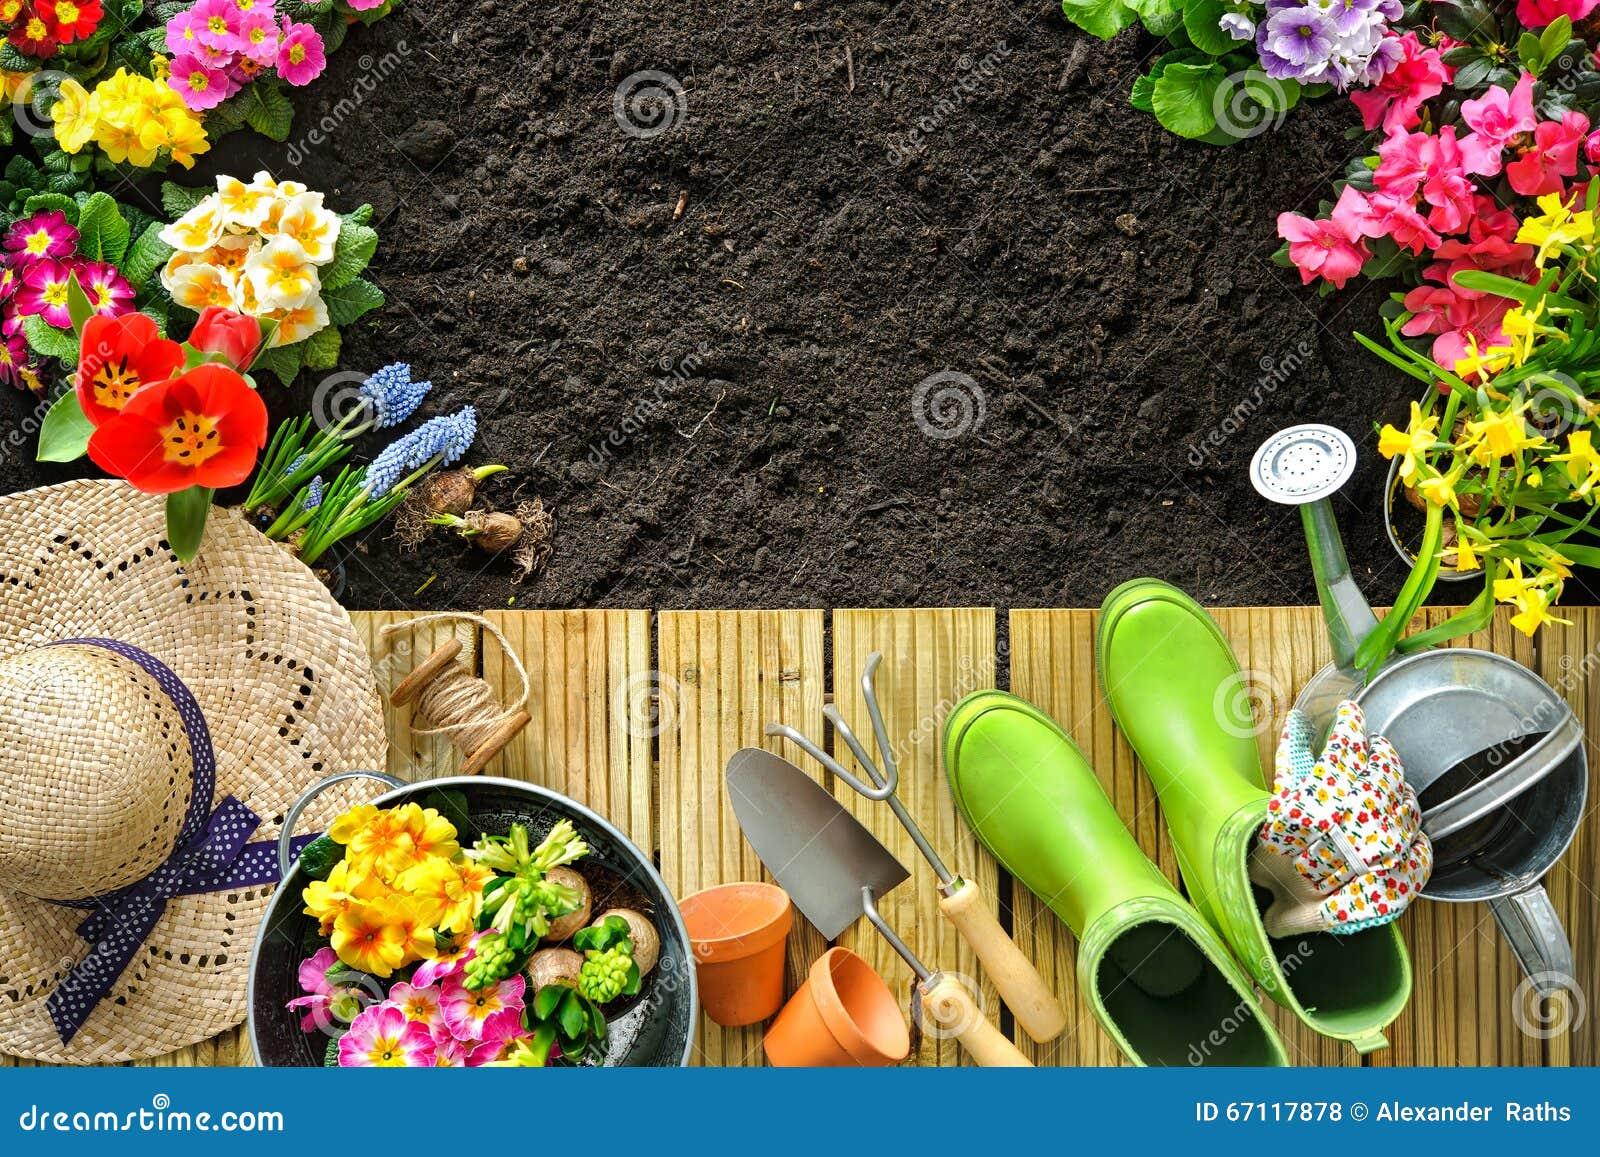 Strumenti E Fiori Di Giardinaggio Sul Terrazzo Fotografia Stock ...